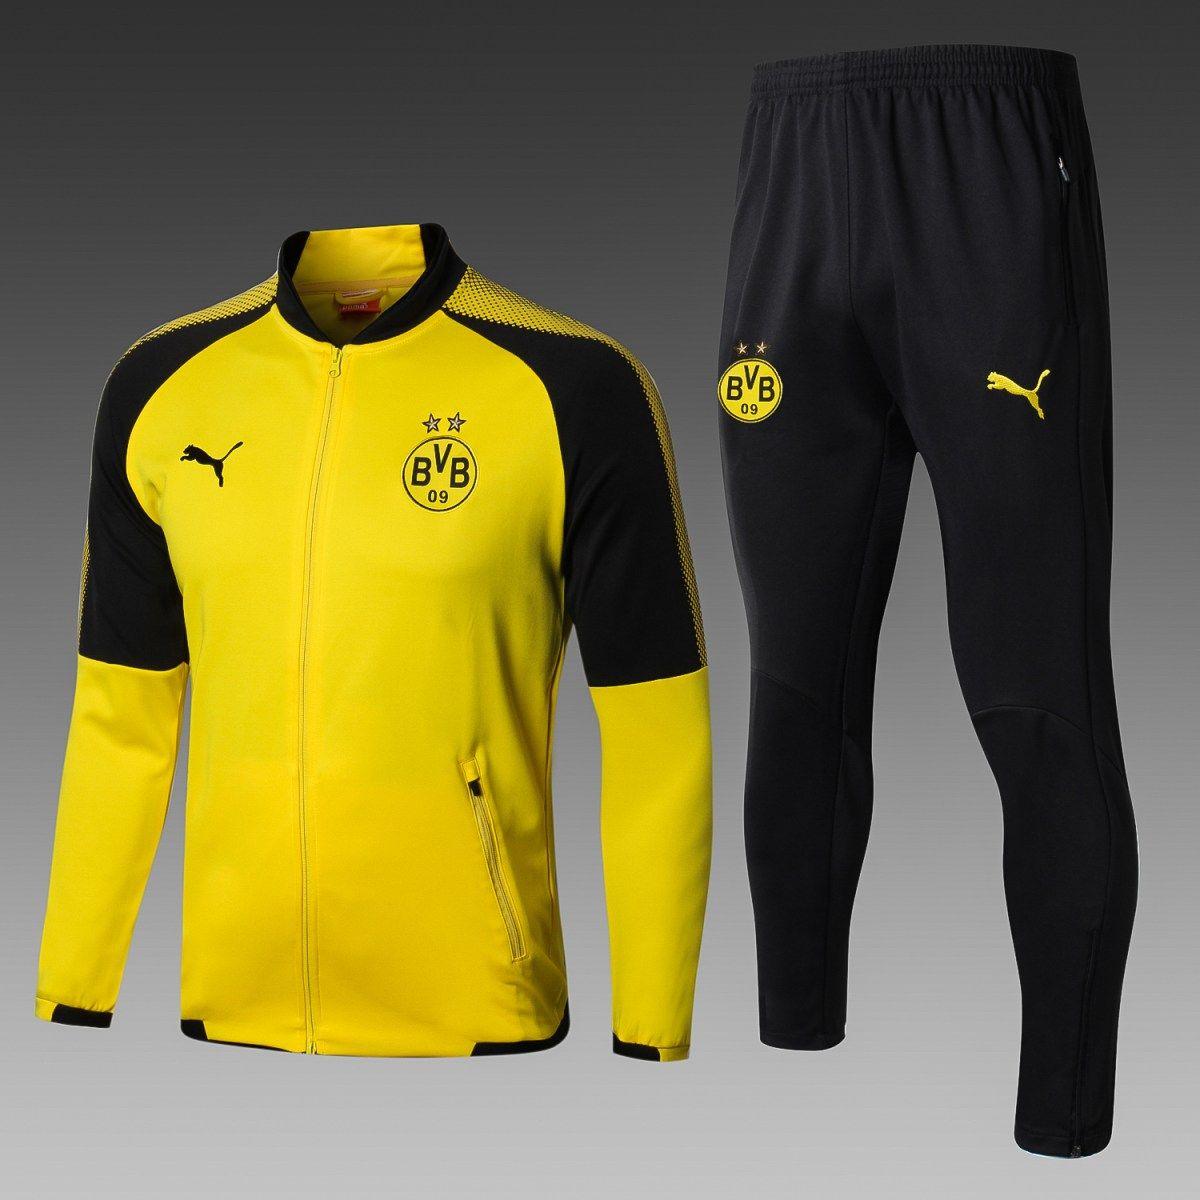 eb52750680 Conheça o novo agasalho de treino do Borussia Dortmund inovador ...